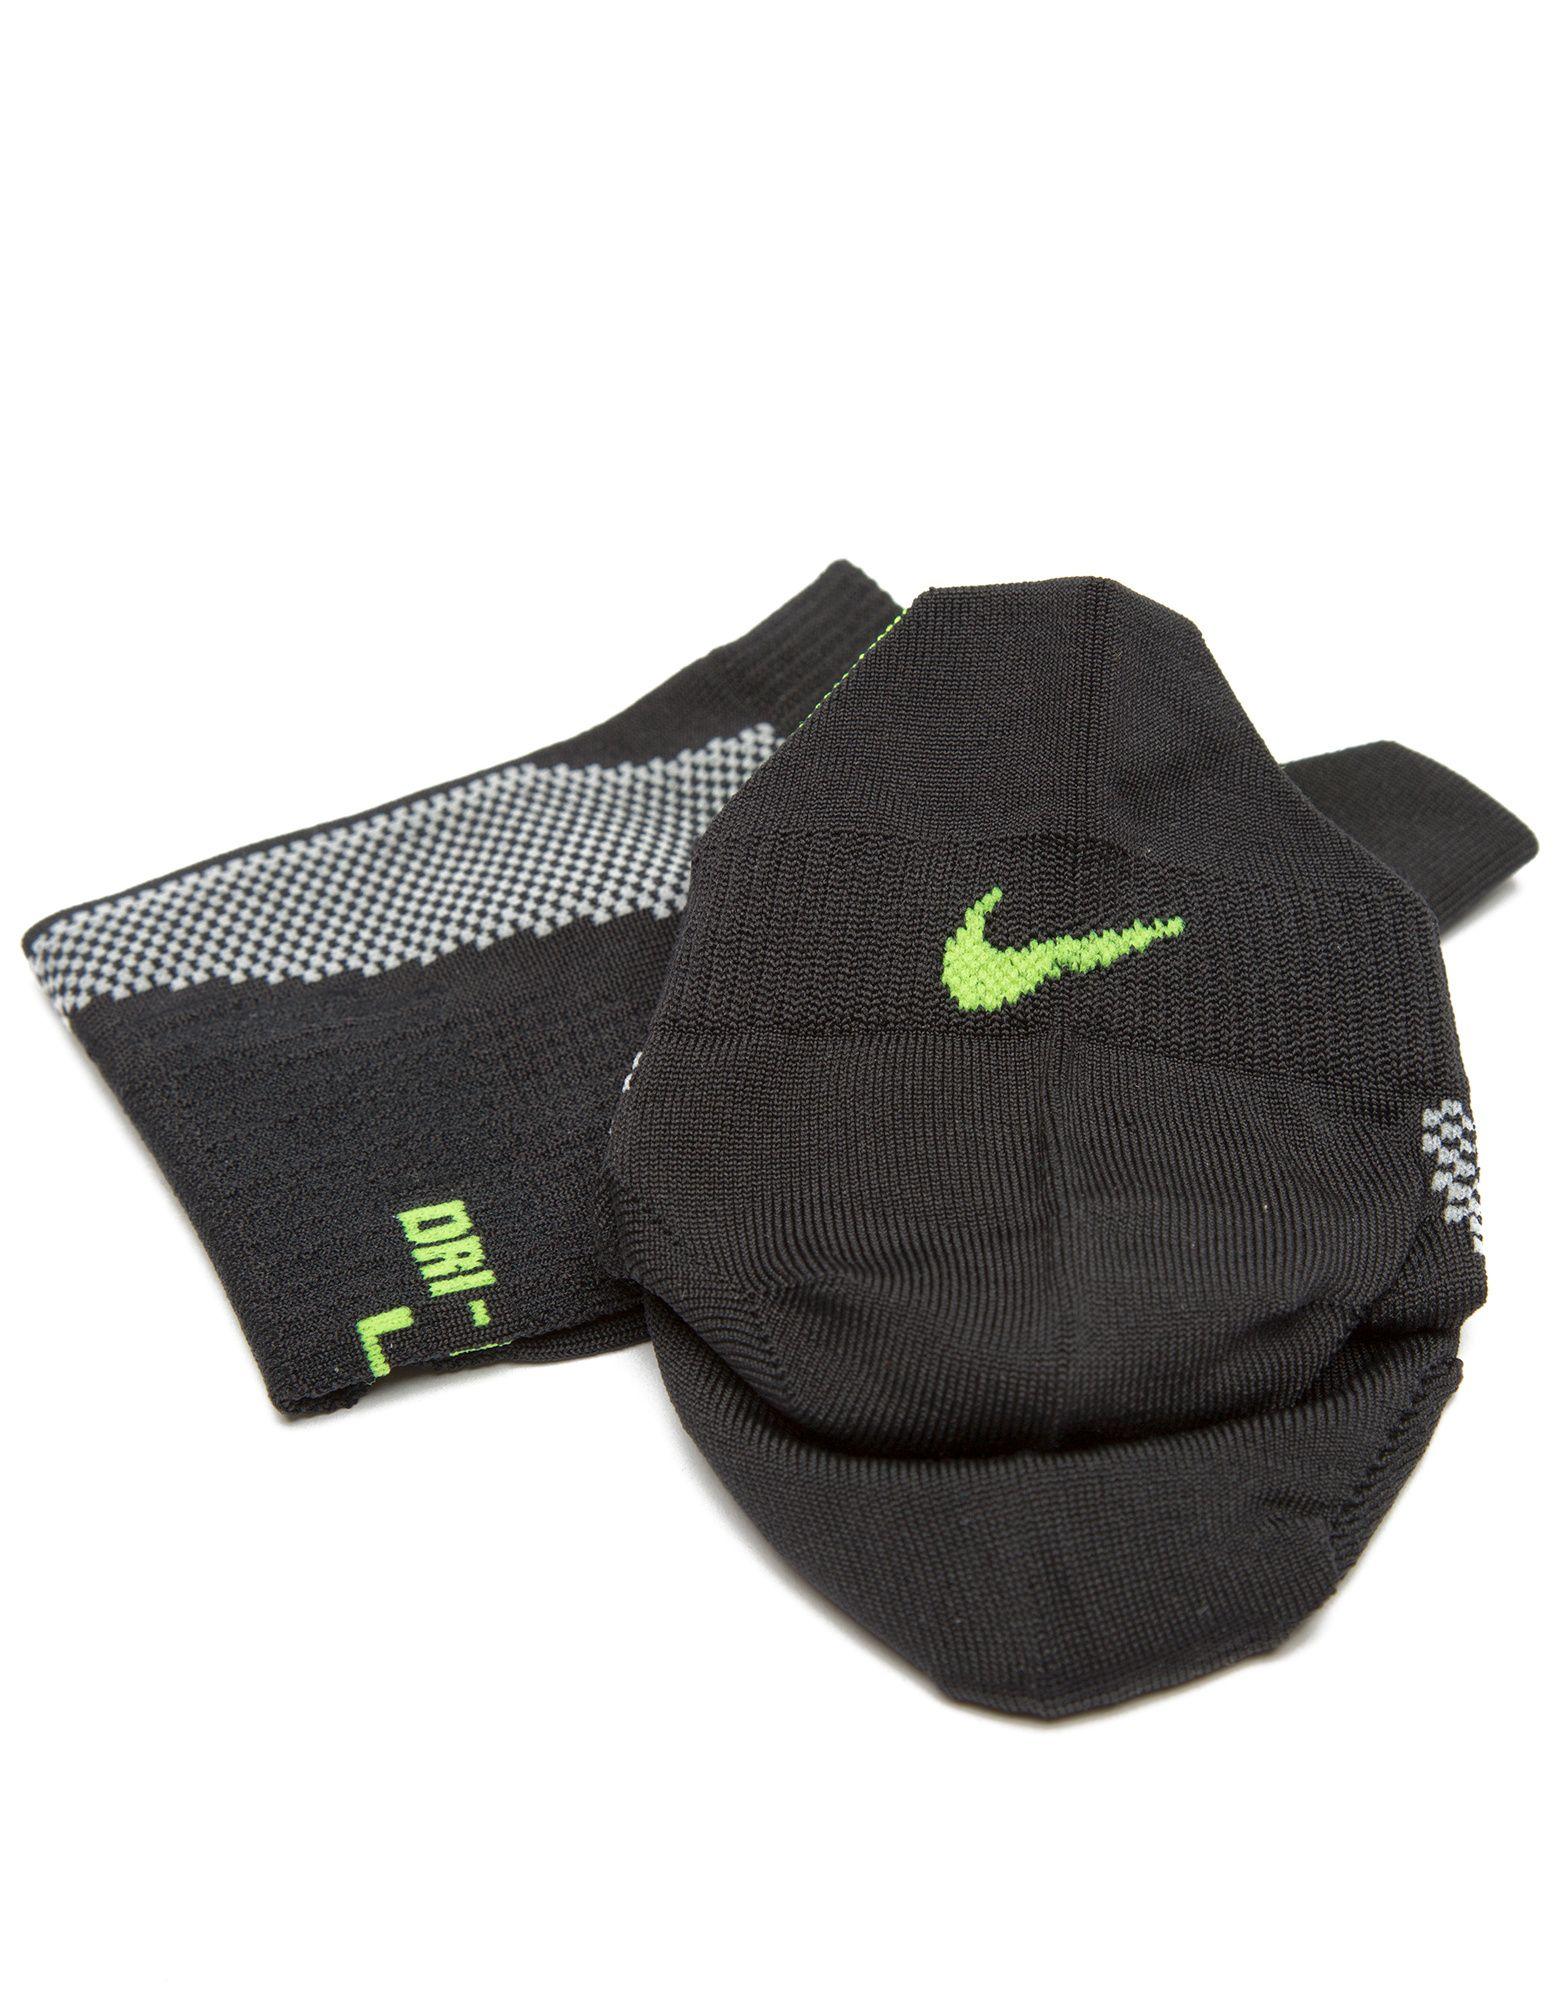 Nike Elite Running Lightweight Socks